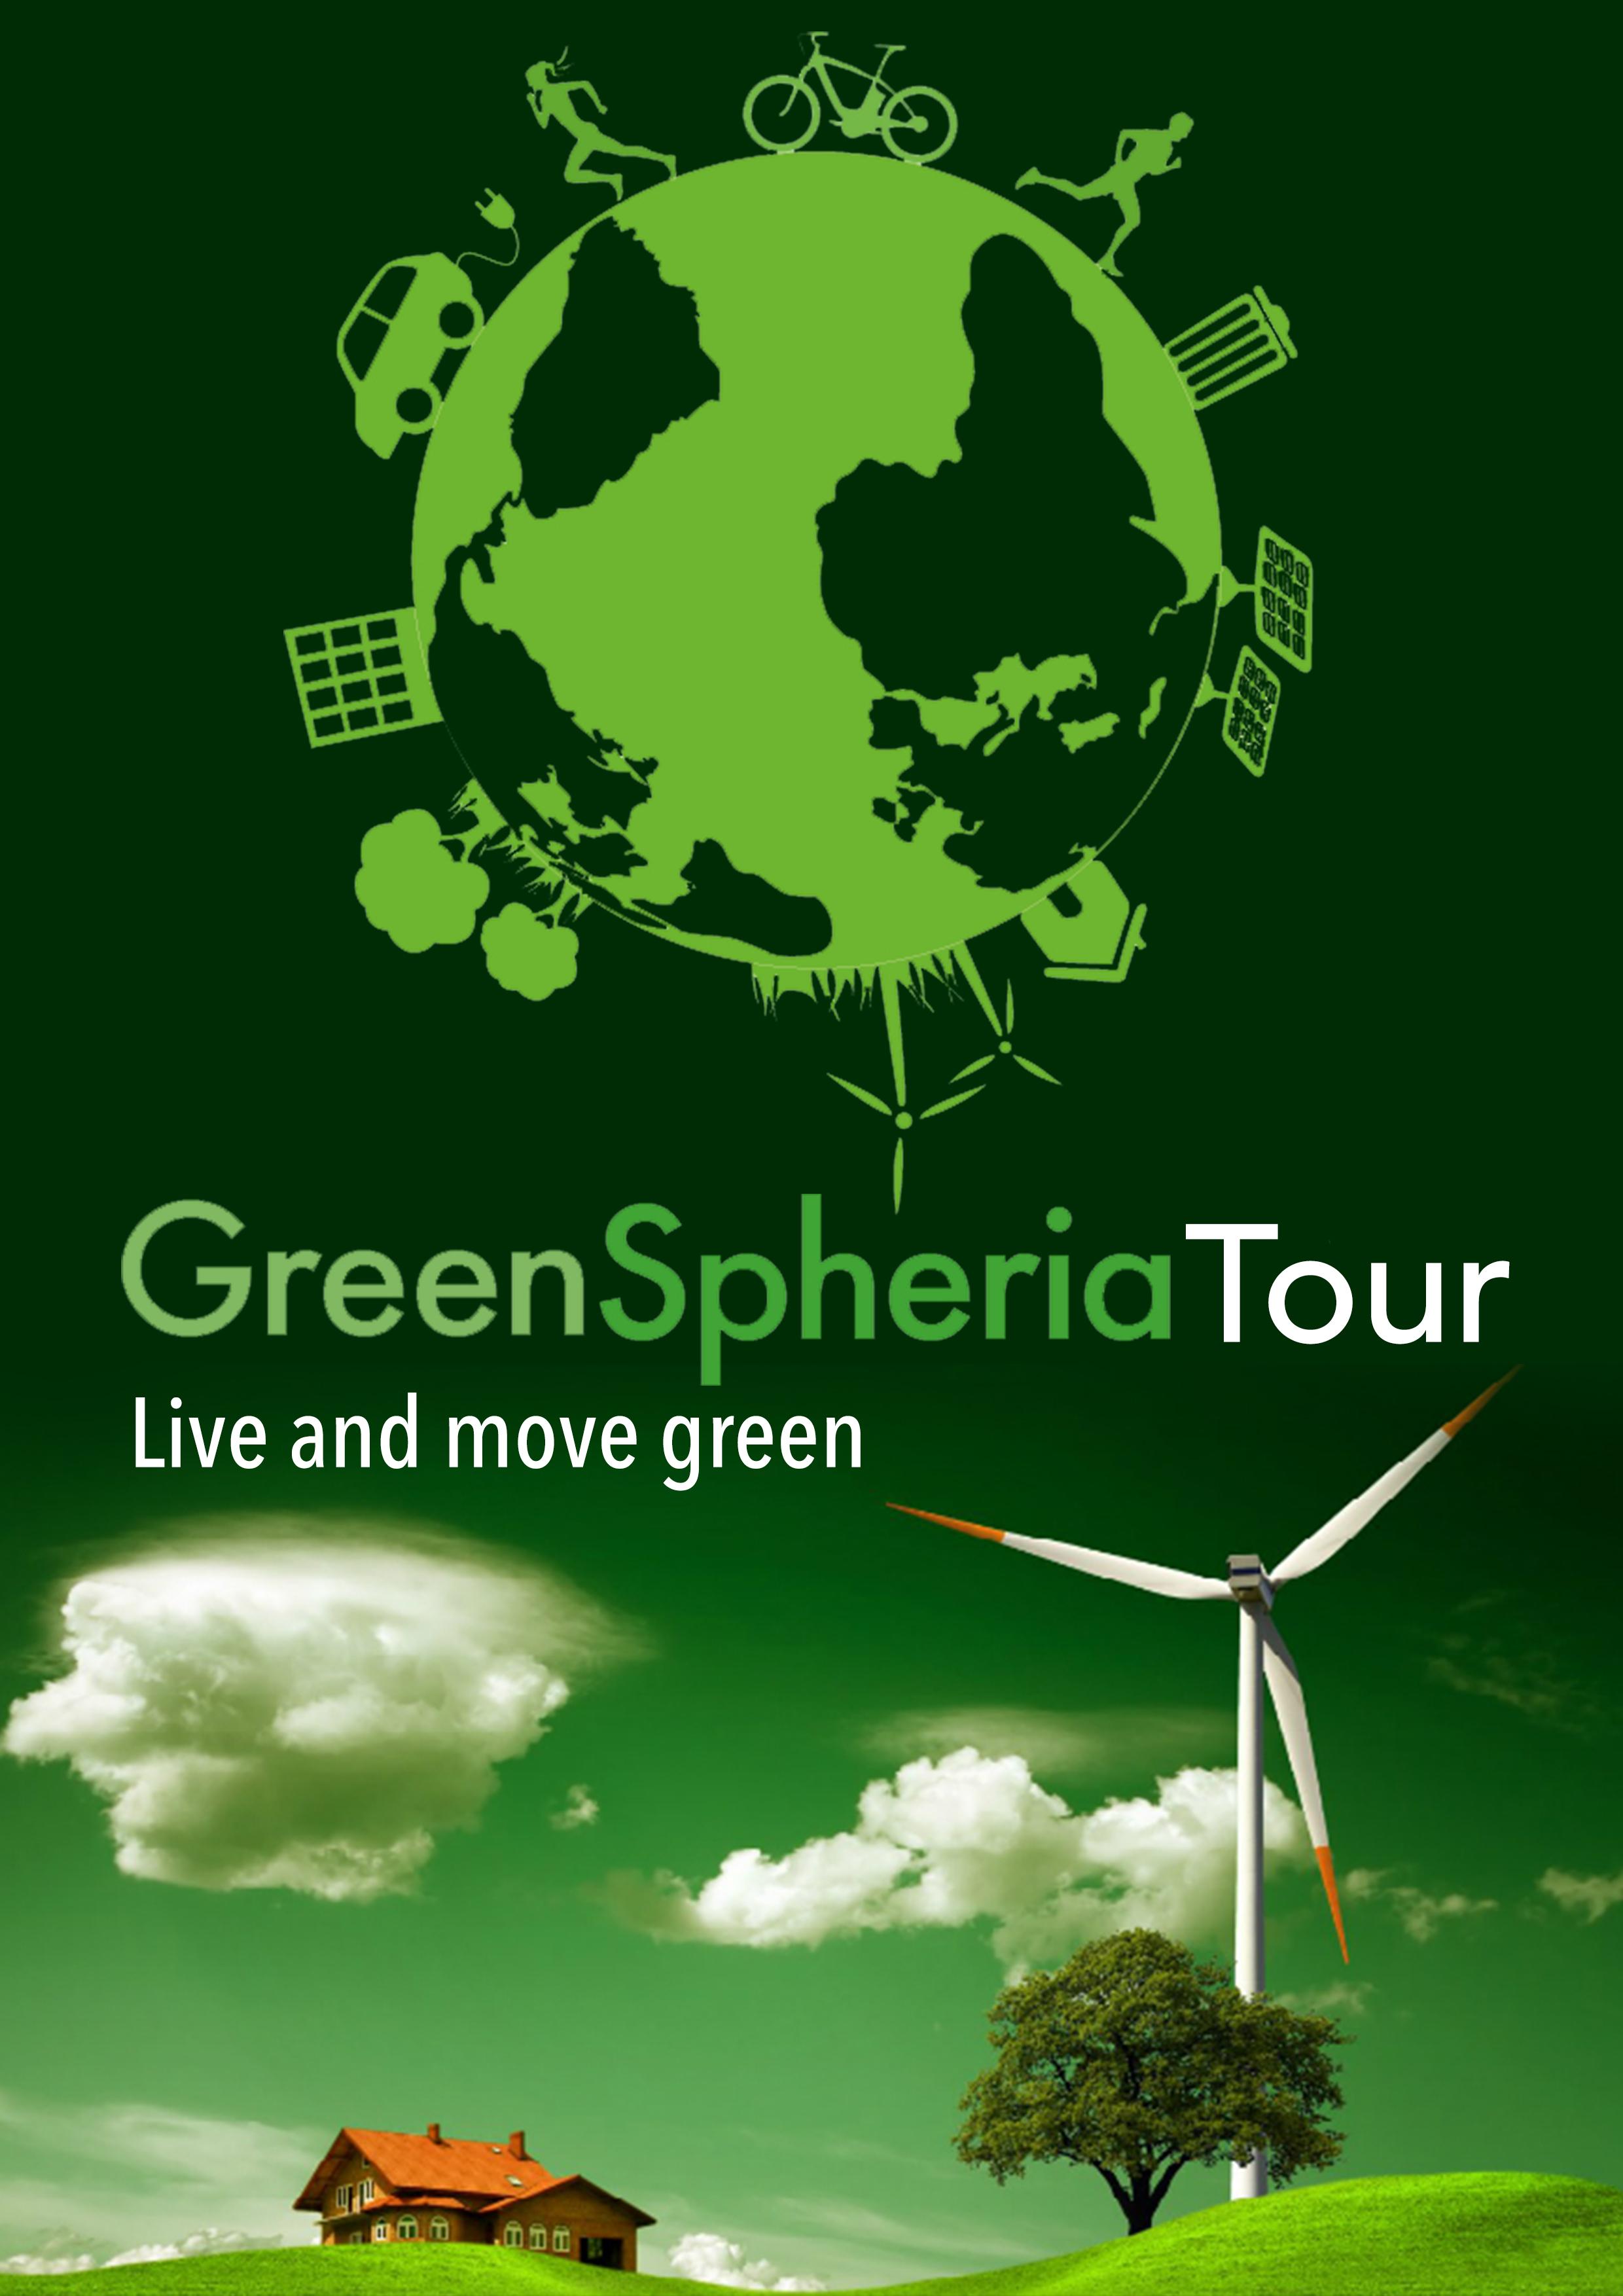 GreenSpheria Tour